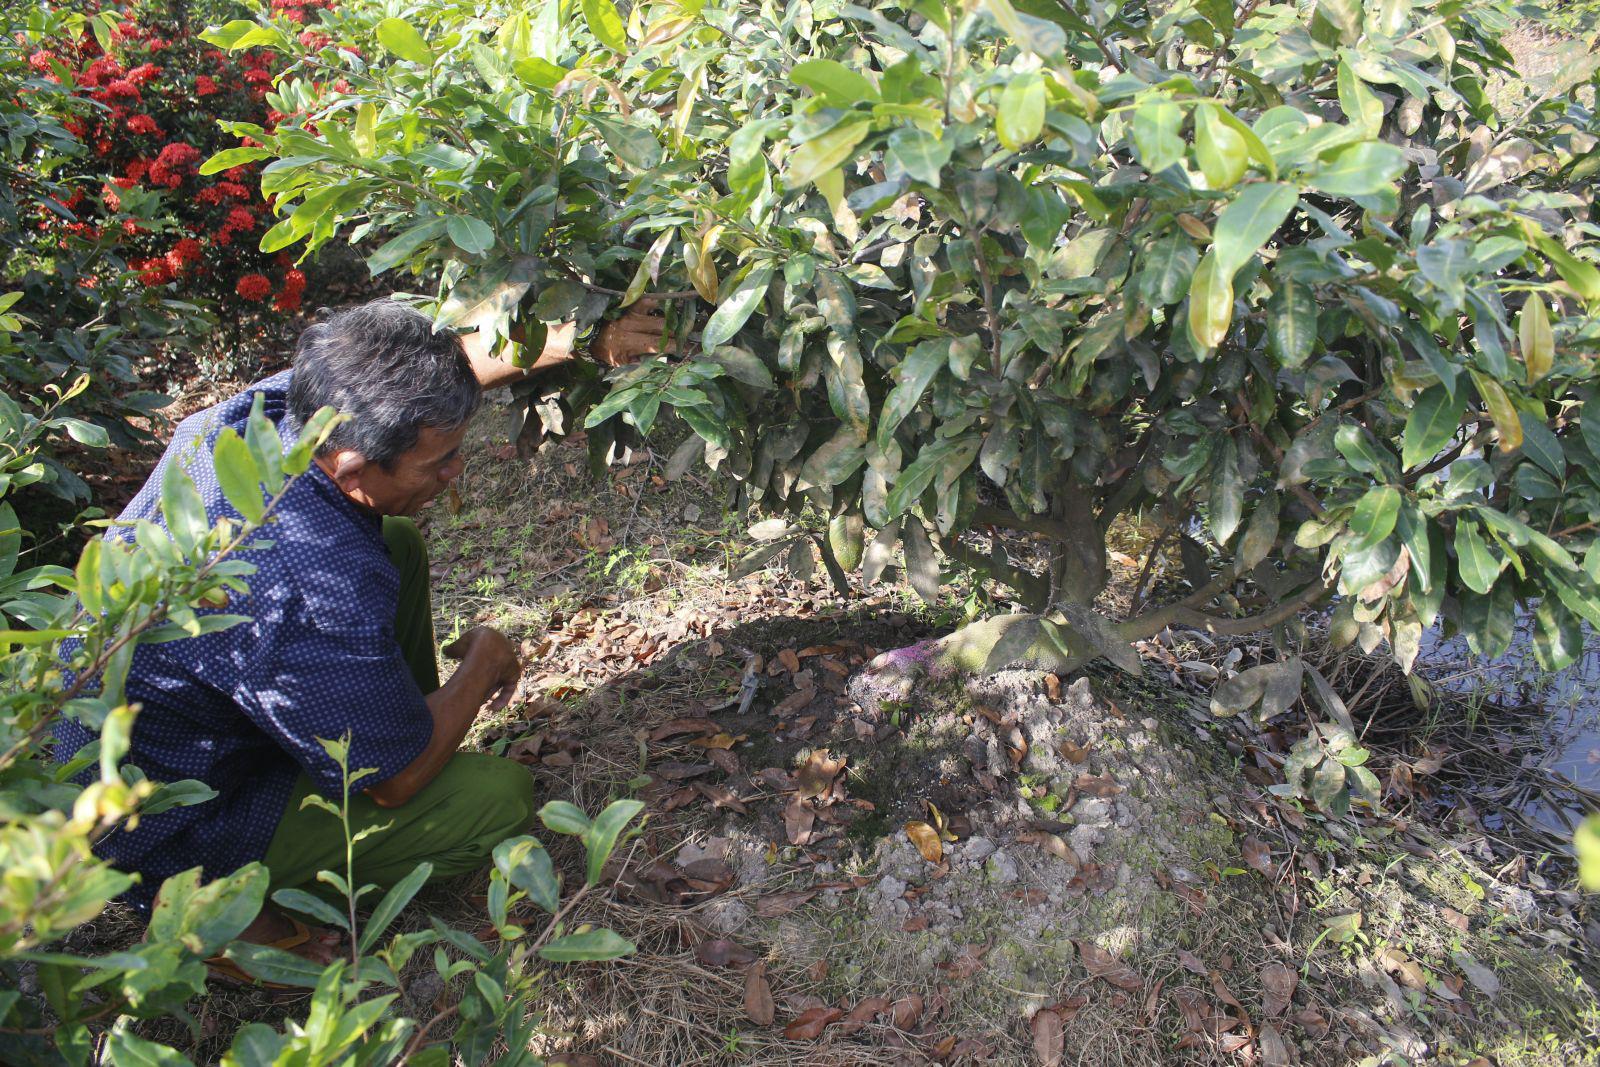 Nghề lạ ở tỉnh Long An: Giáp Tết cứ rủ nhau ra vườn hì hục đào gốc cây, ngơi tay có ngay 1 triệu - Ảnh 1.